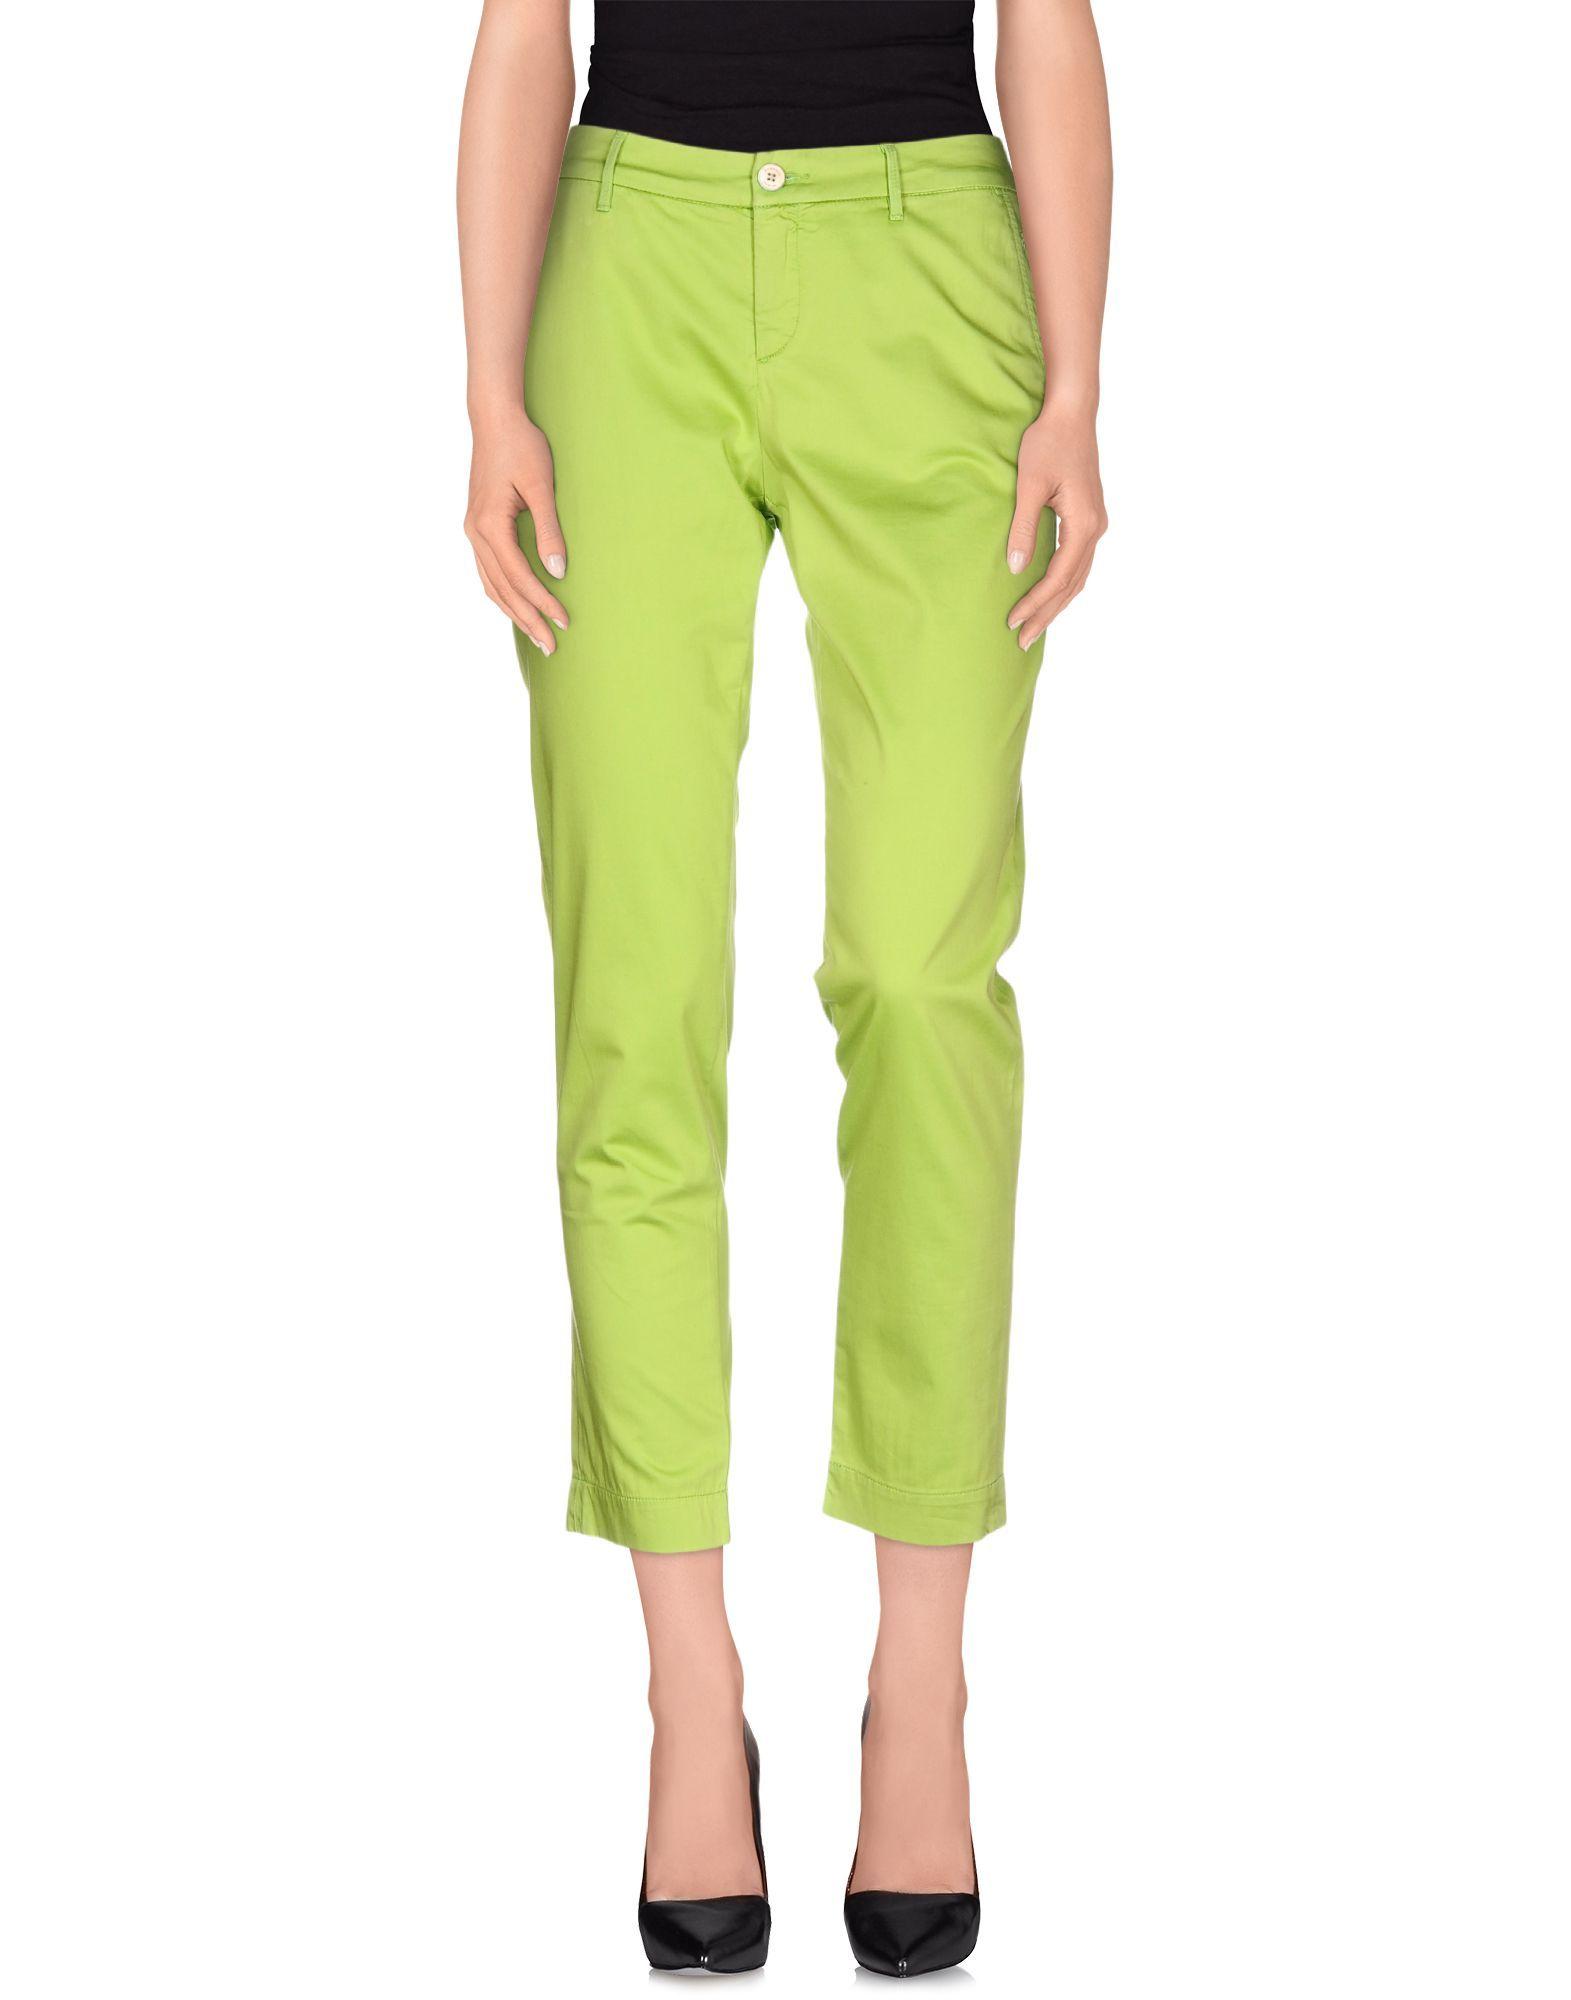 TROUSERS Woman Jeckerson Green Cotton